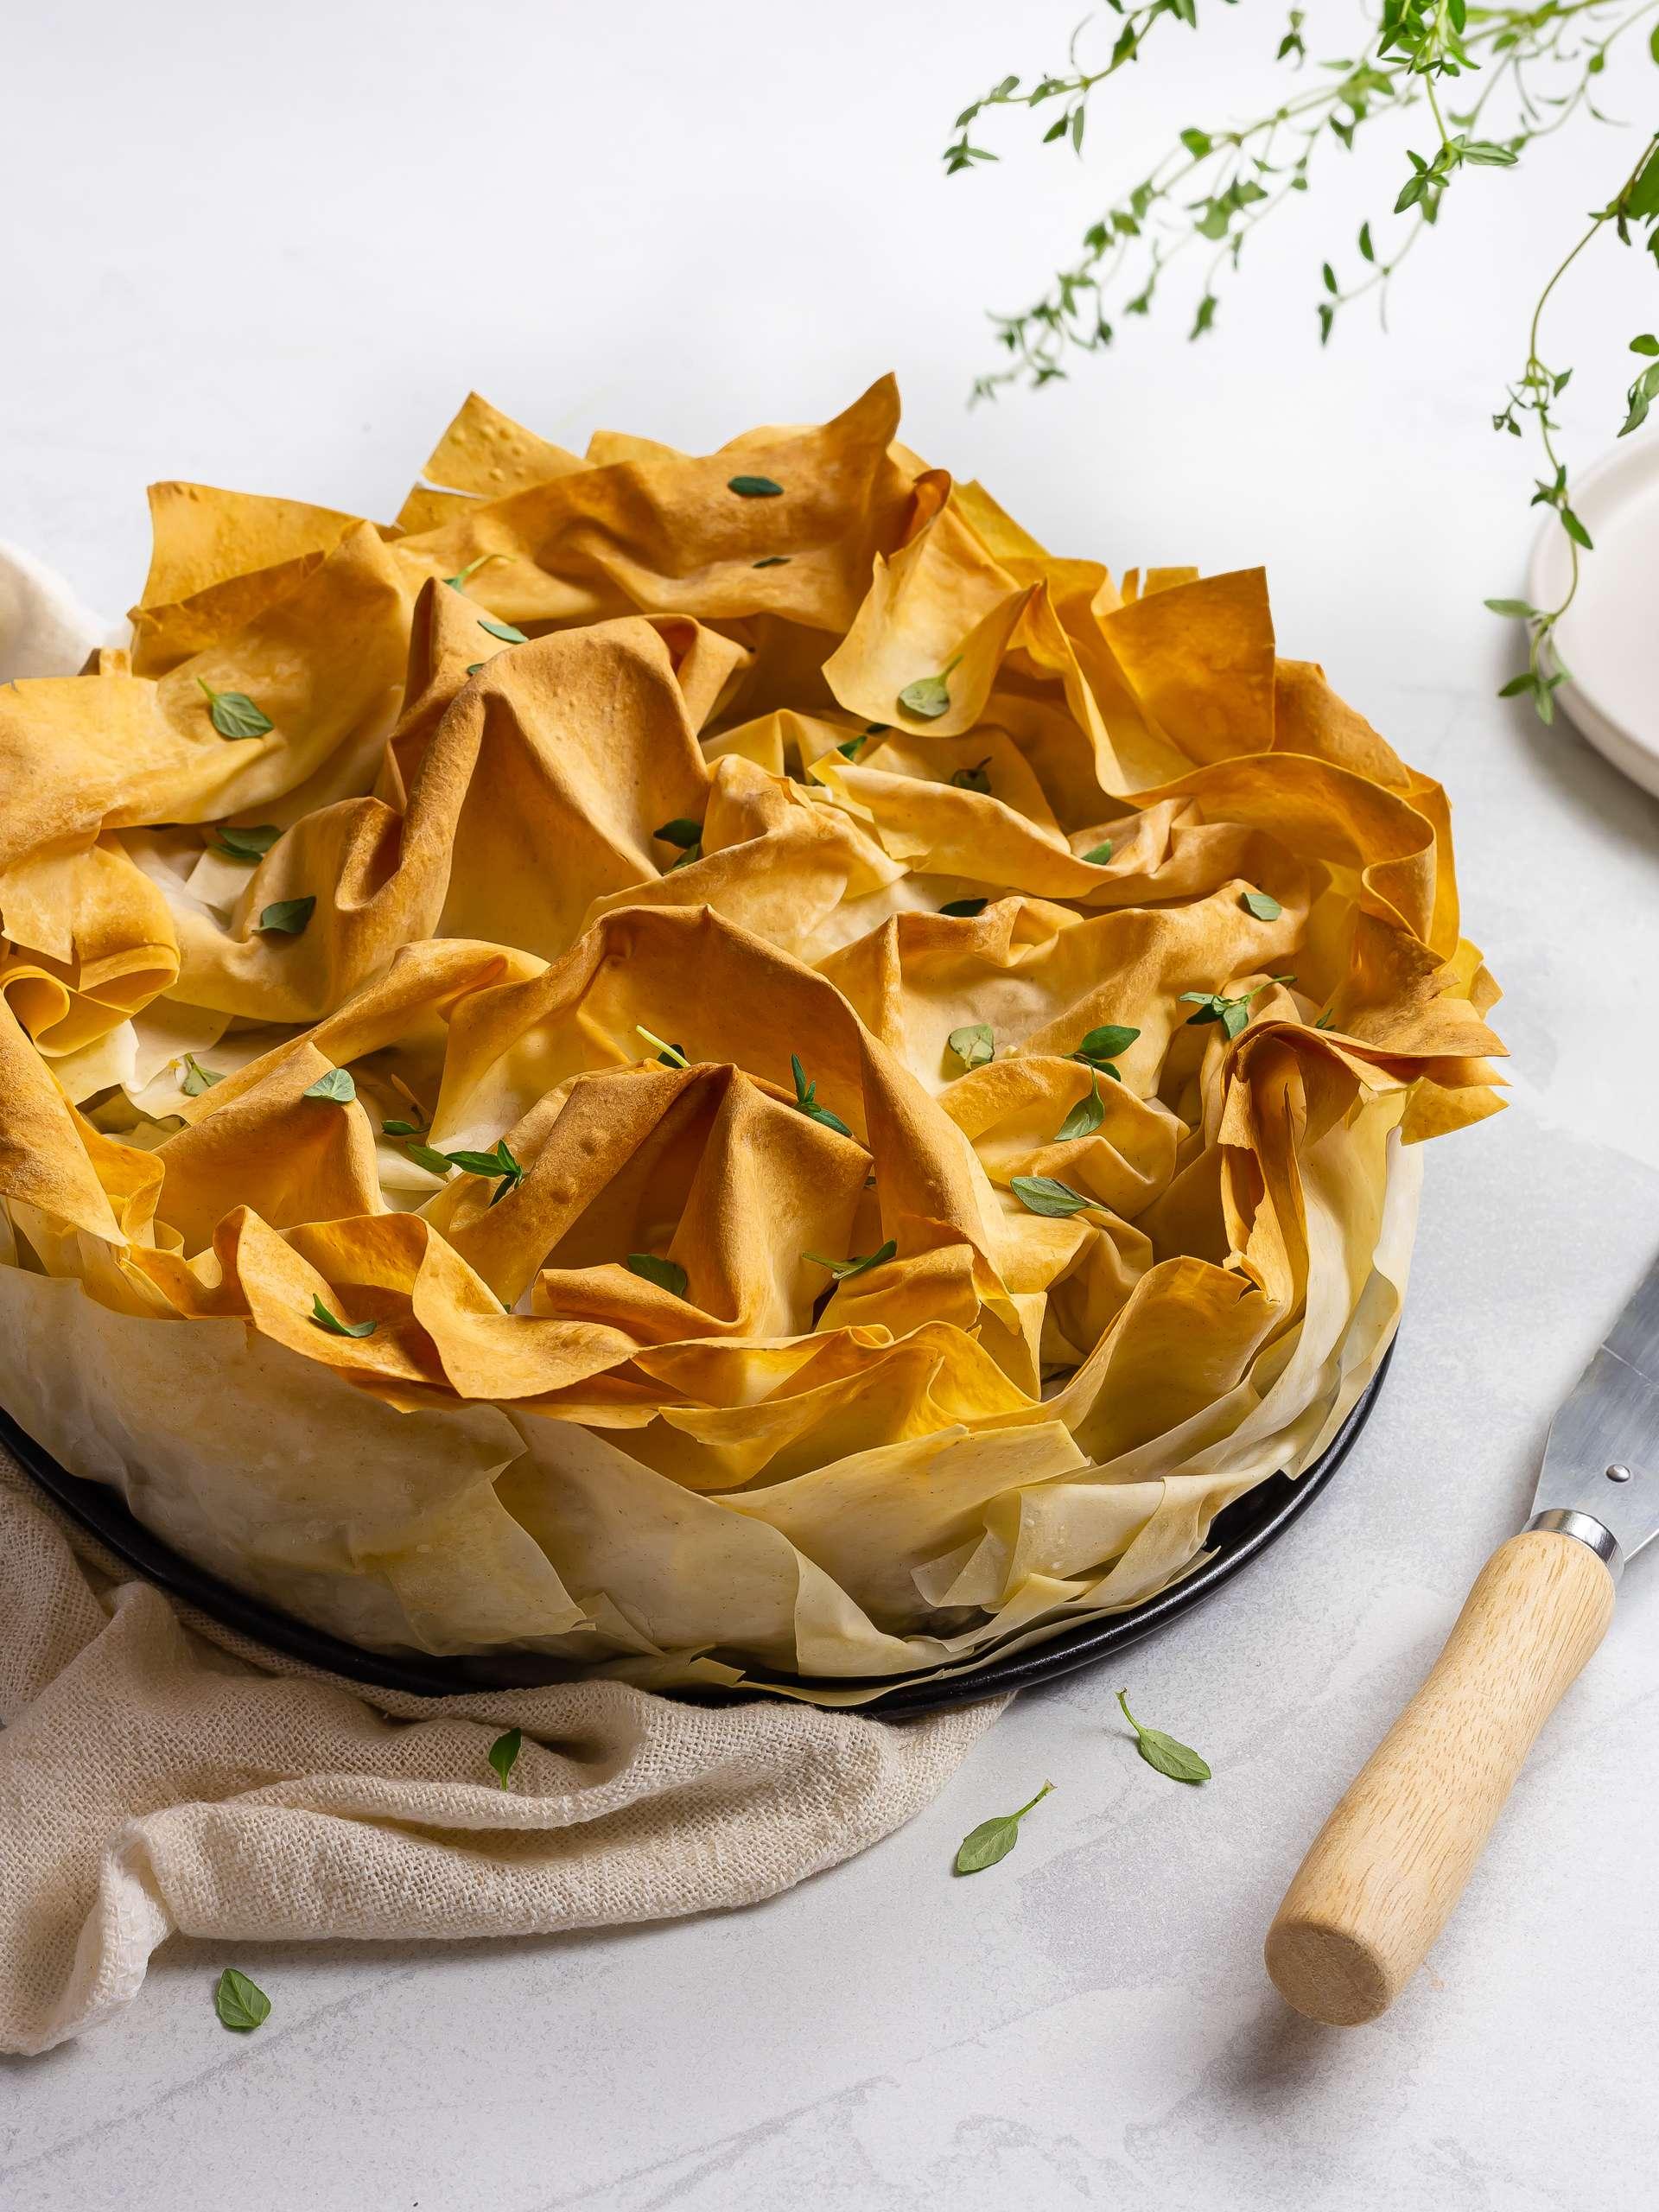 Vegan Manitaropita (Greek Mushroom Phyllo Pie)